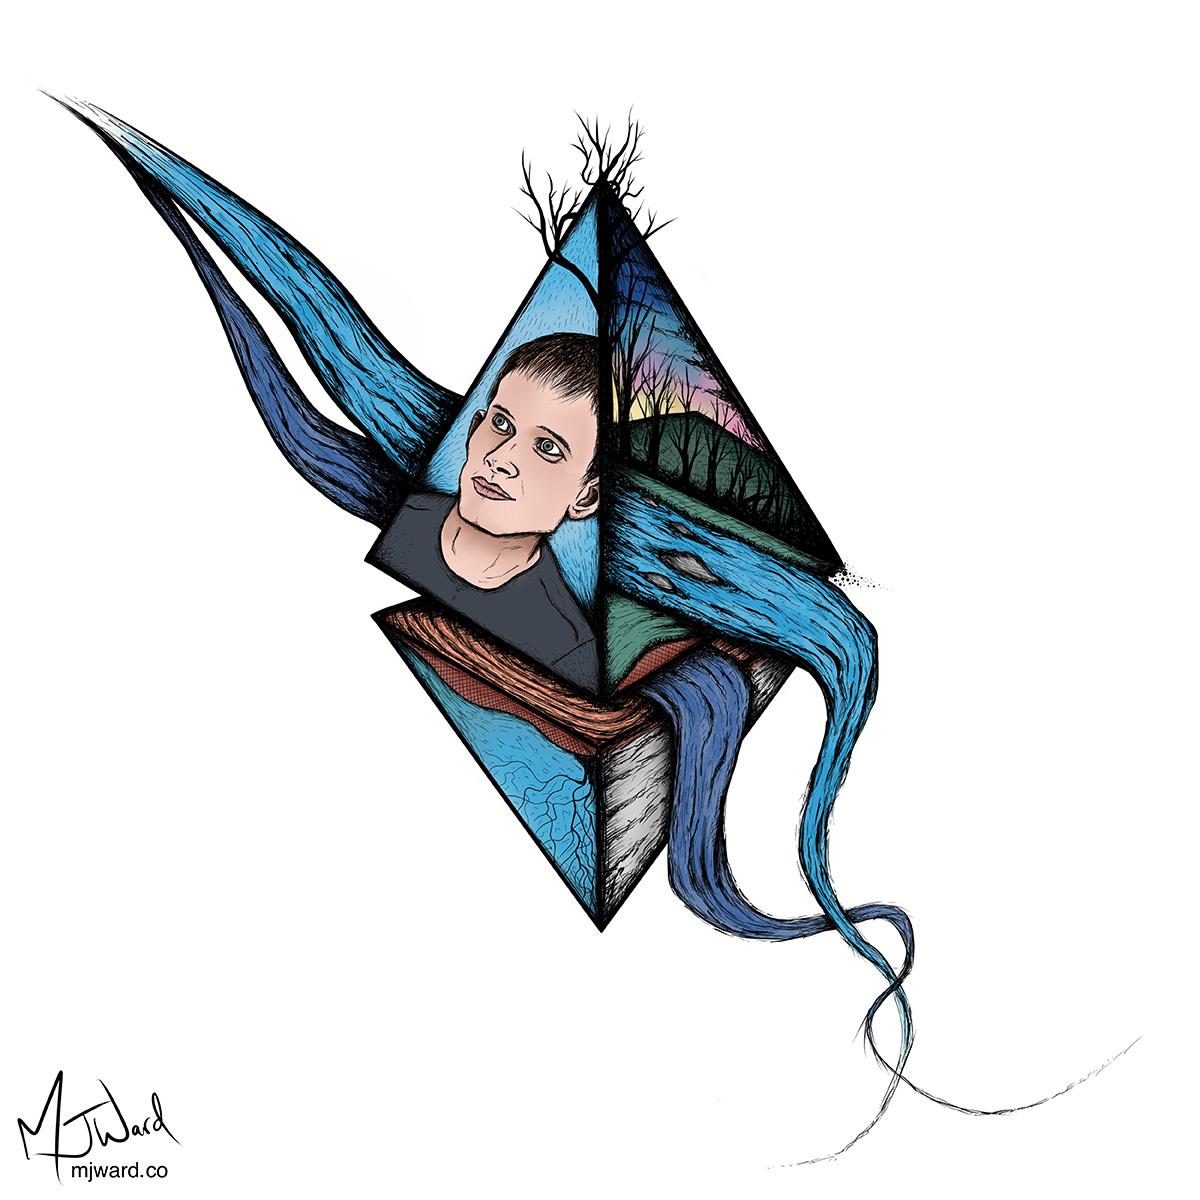 Ethereum and Vitalik Buterin Digital Artwork